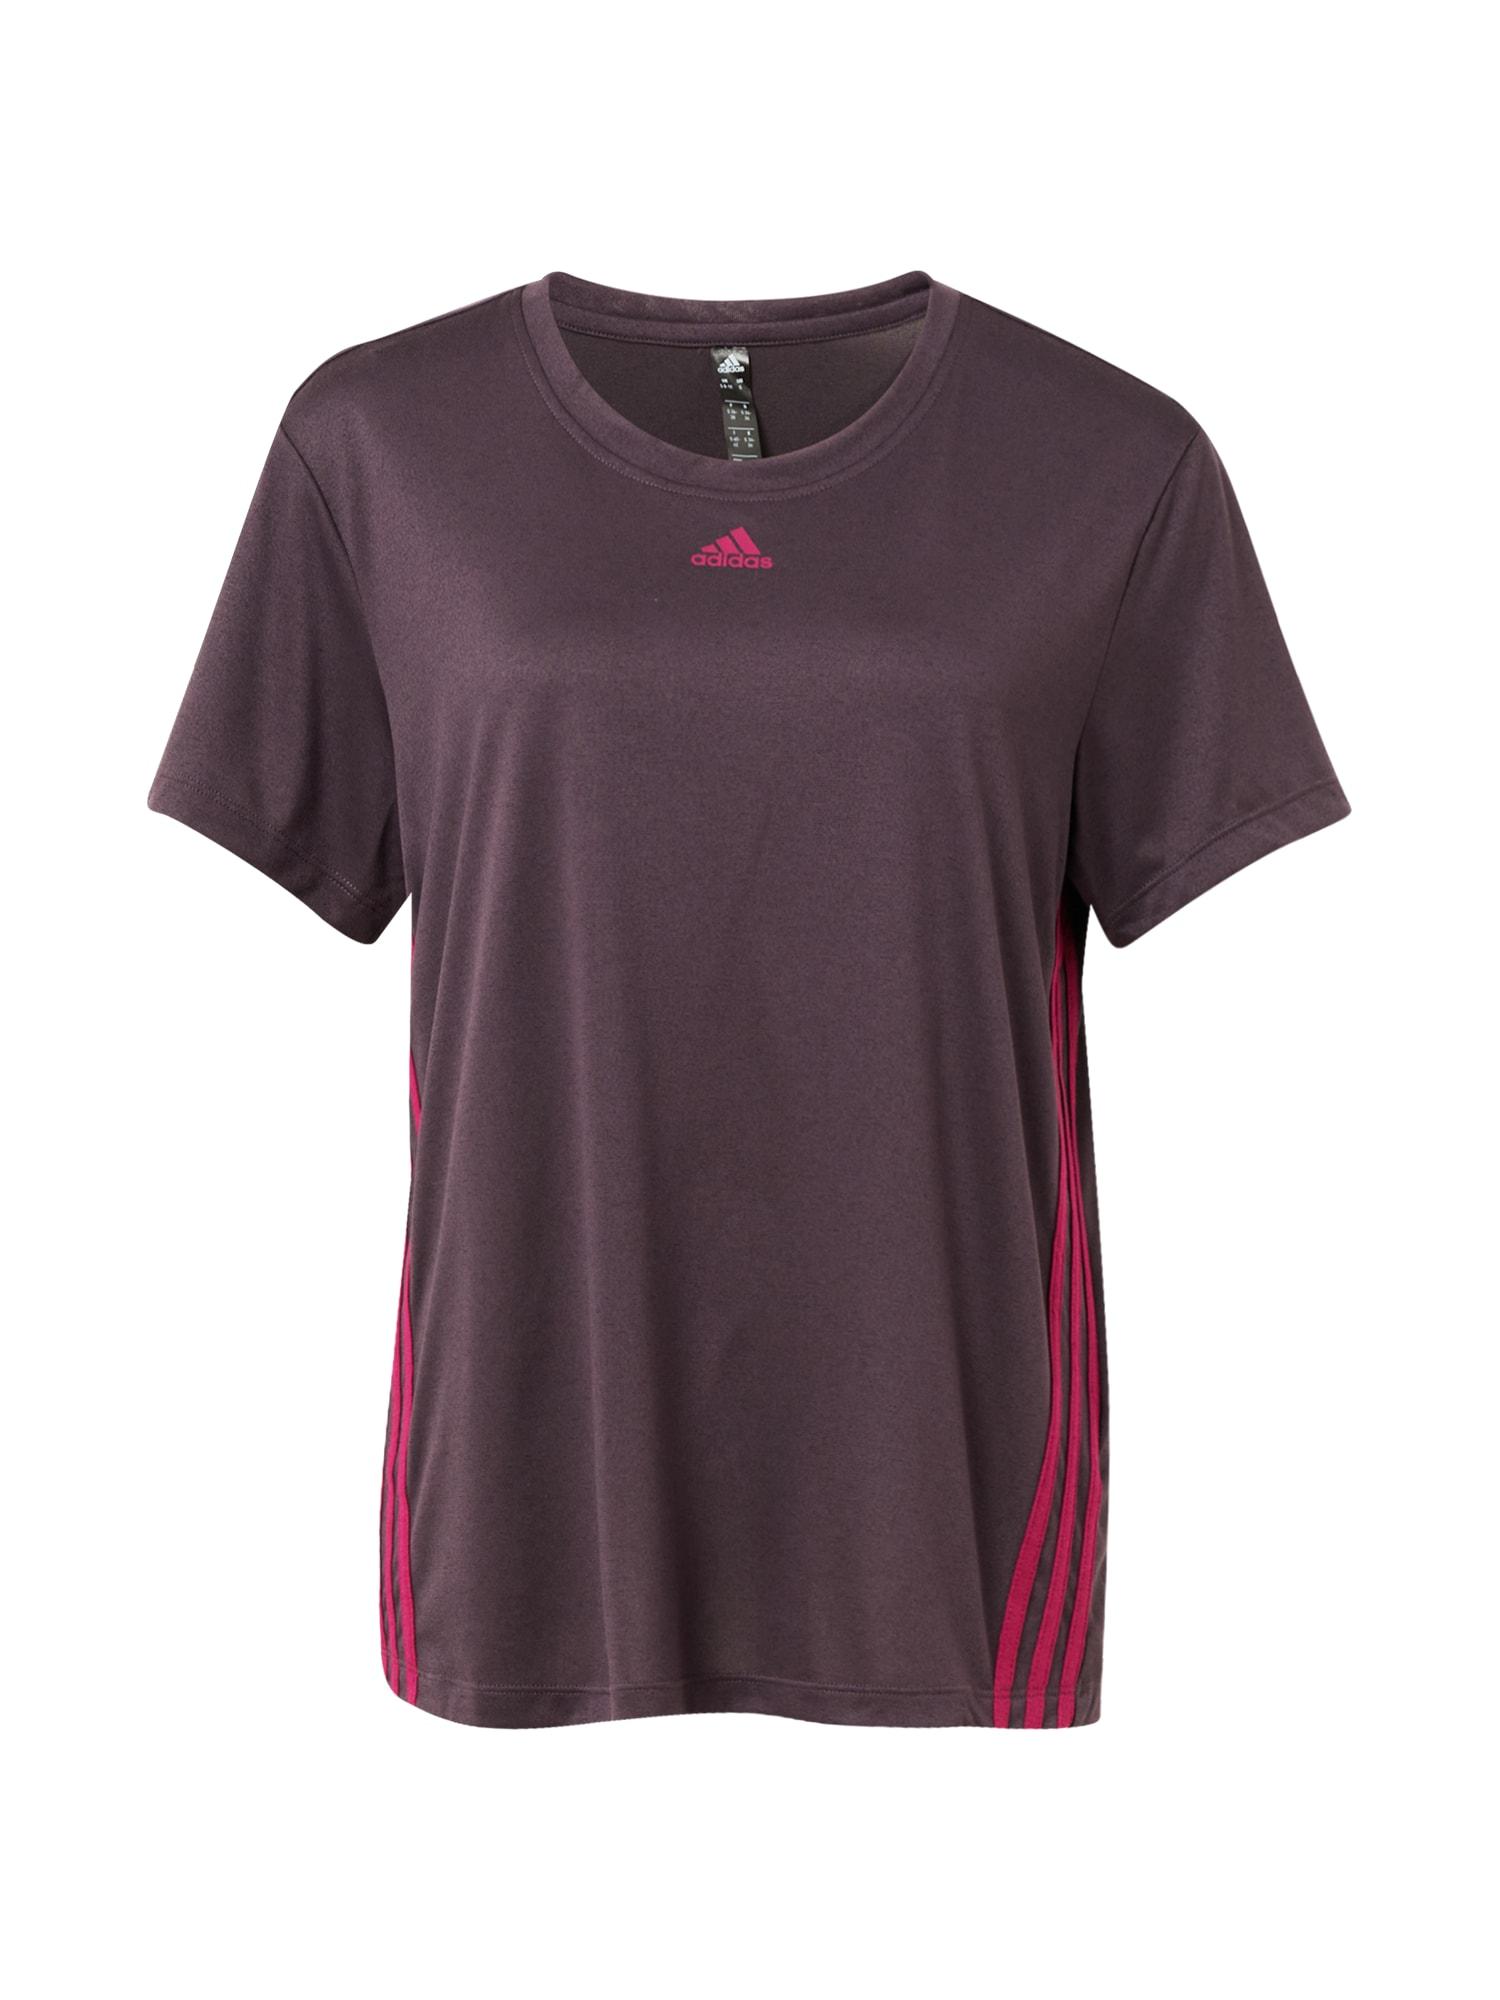 ADIDAS PERFORMANCE Sportiniai marškinėliai baklažano spalva / tamsiai rožinė